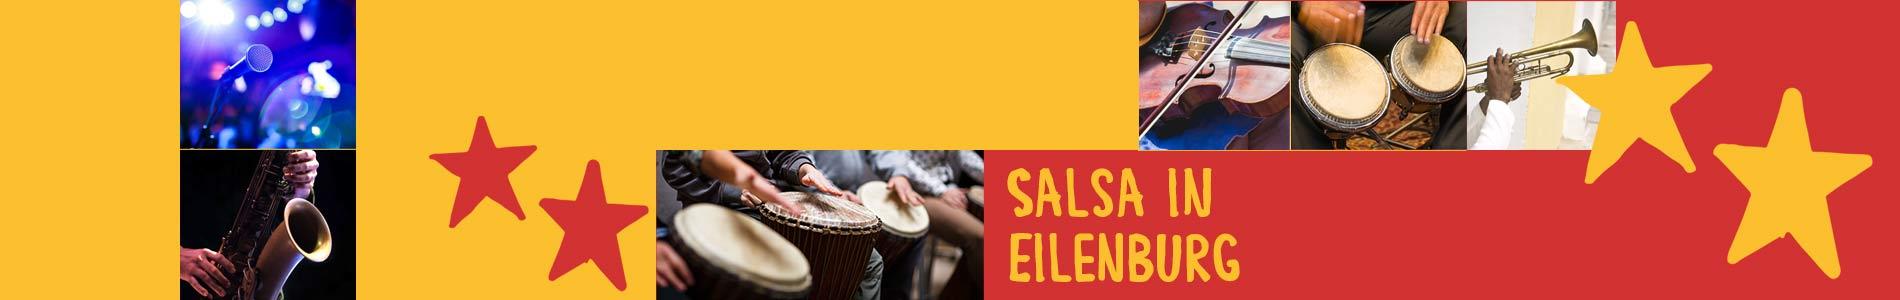 Salsa in Eilenburg – Salsa lernen und tanzen, Tanzkurse, Partys, Veranstaltungen